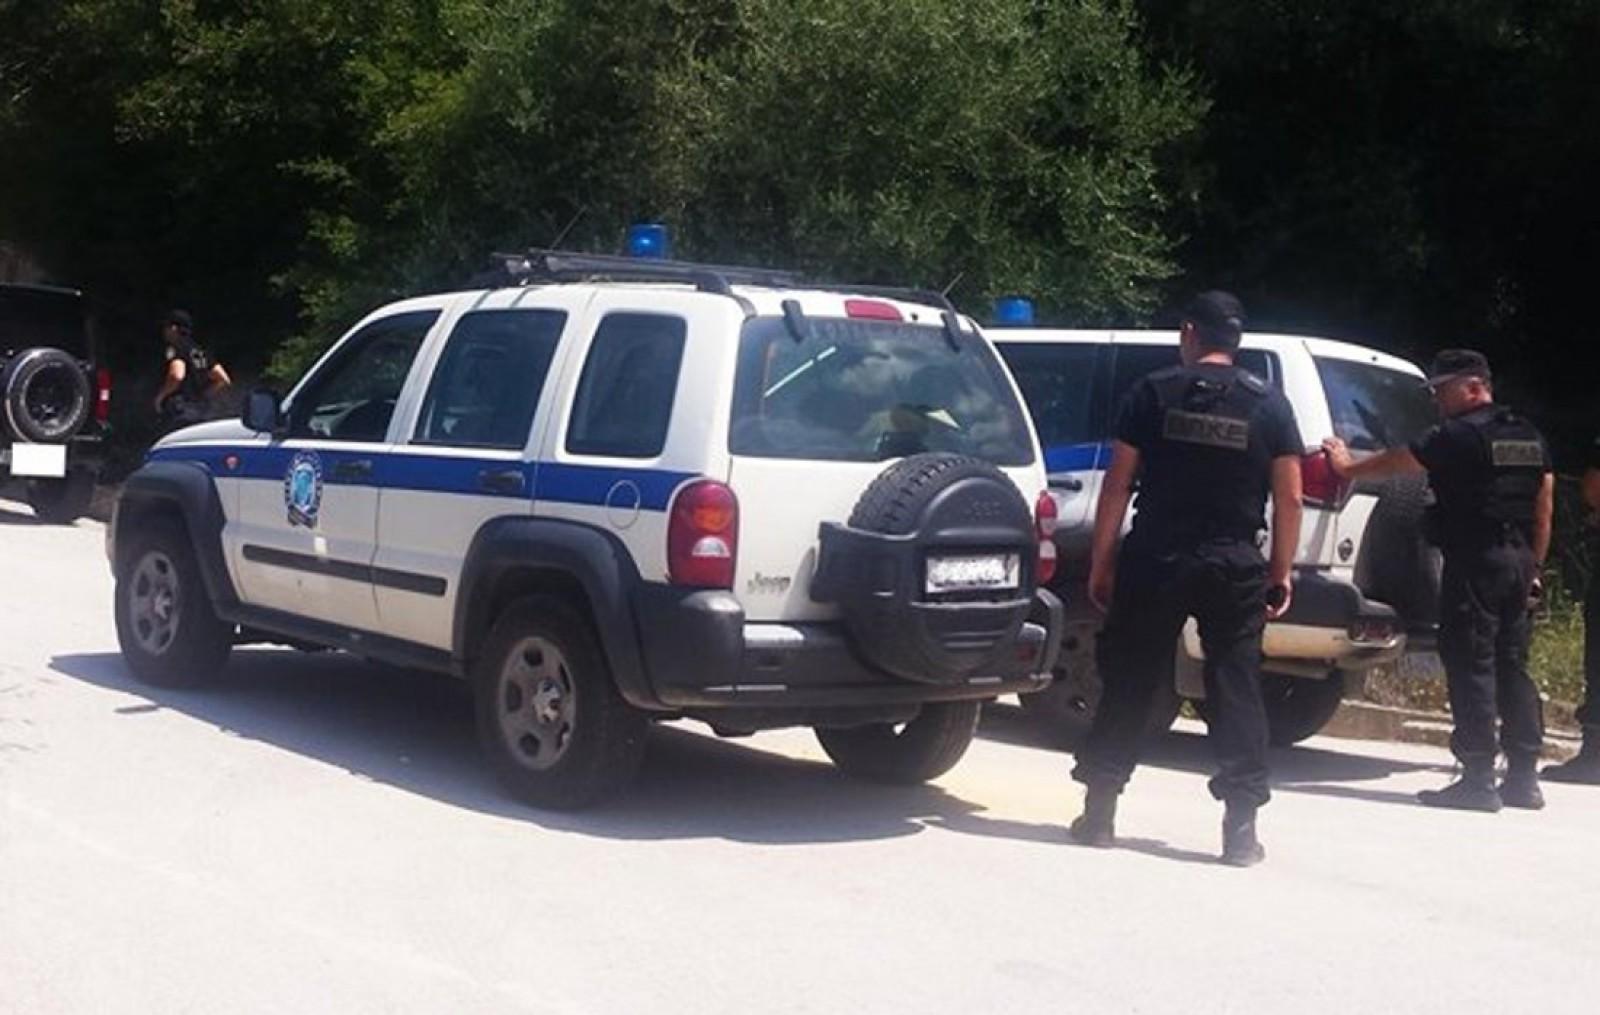 Ένα κιλό κάνναβη μετέφεραν με μοτοσυκλέτα δύο άτομα που συνελήφθησαν στη Χαλκιδική.